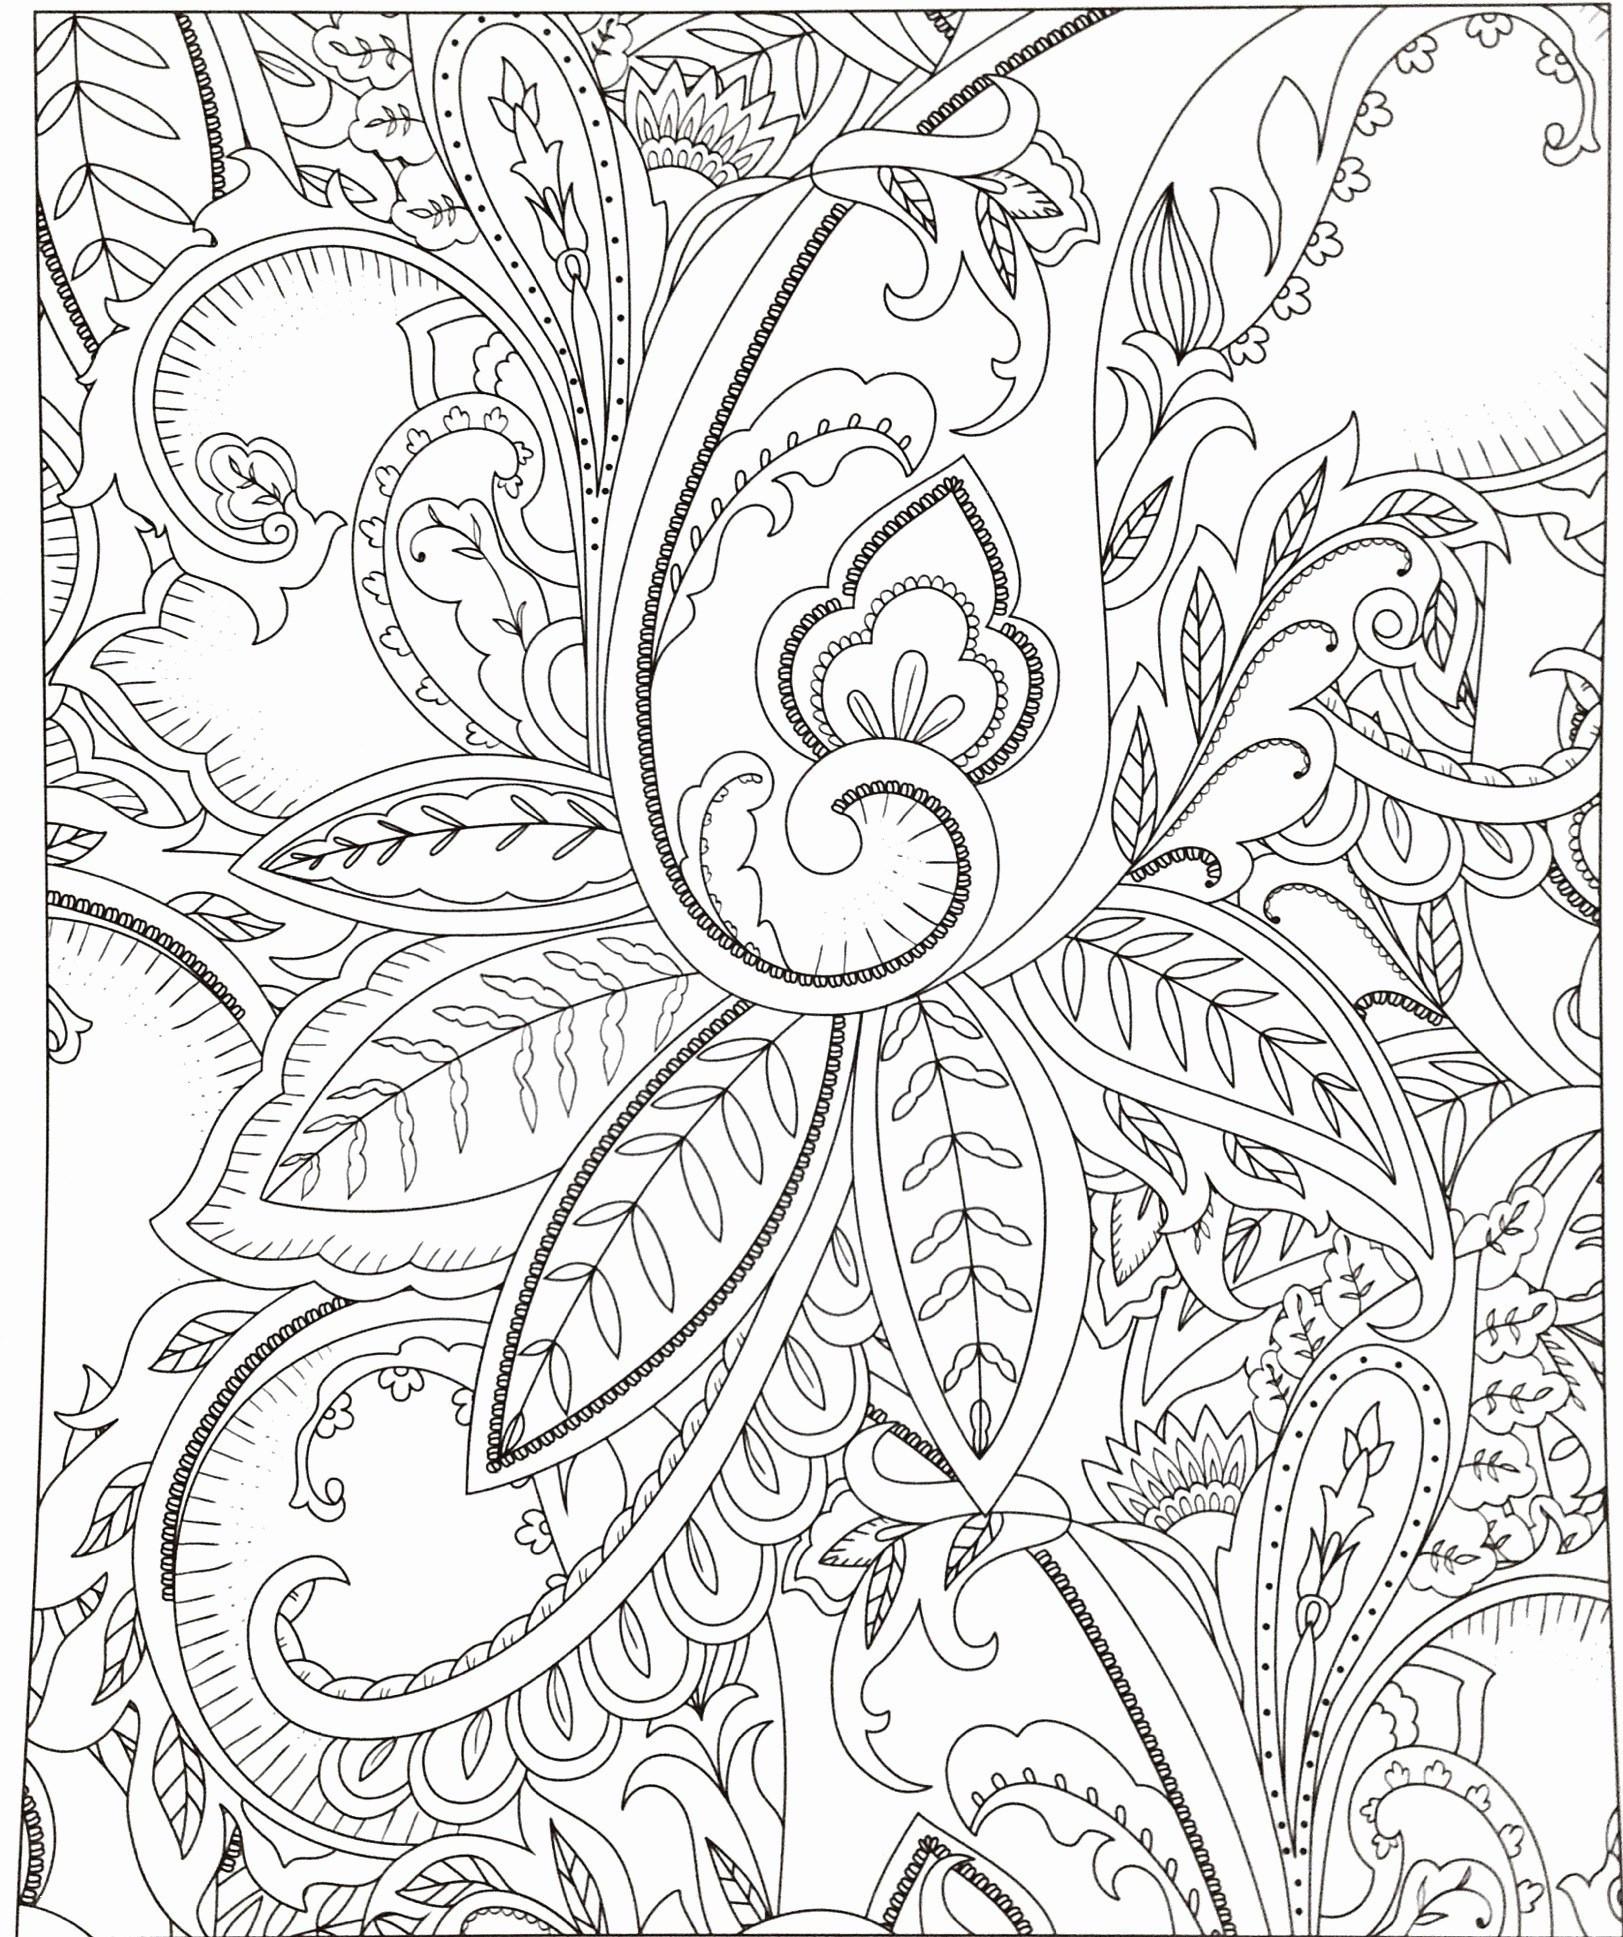 Malvorlagen Blumen Rosen Genial Rosen Ausmalbilder Ausdrucken Lovely Malvorlage Quelle Inspirierend Stock